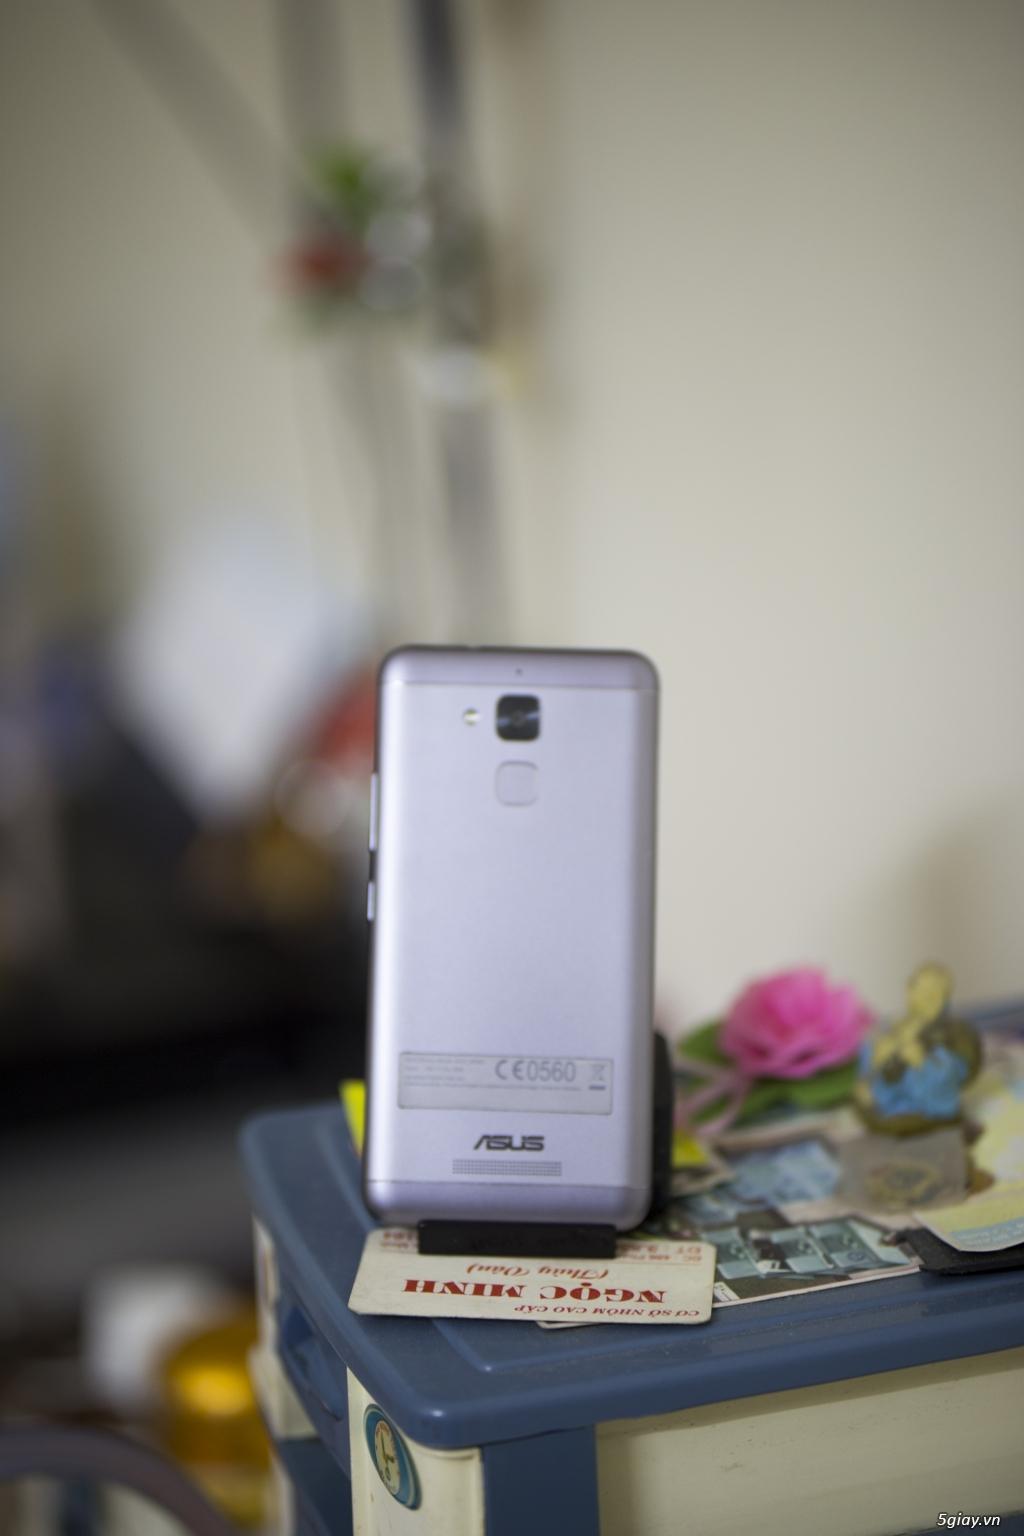 Asus Zenfone 3 Max màu đen hàng chính hãng. - 3